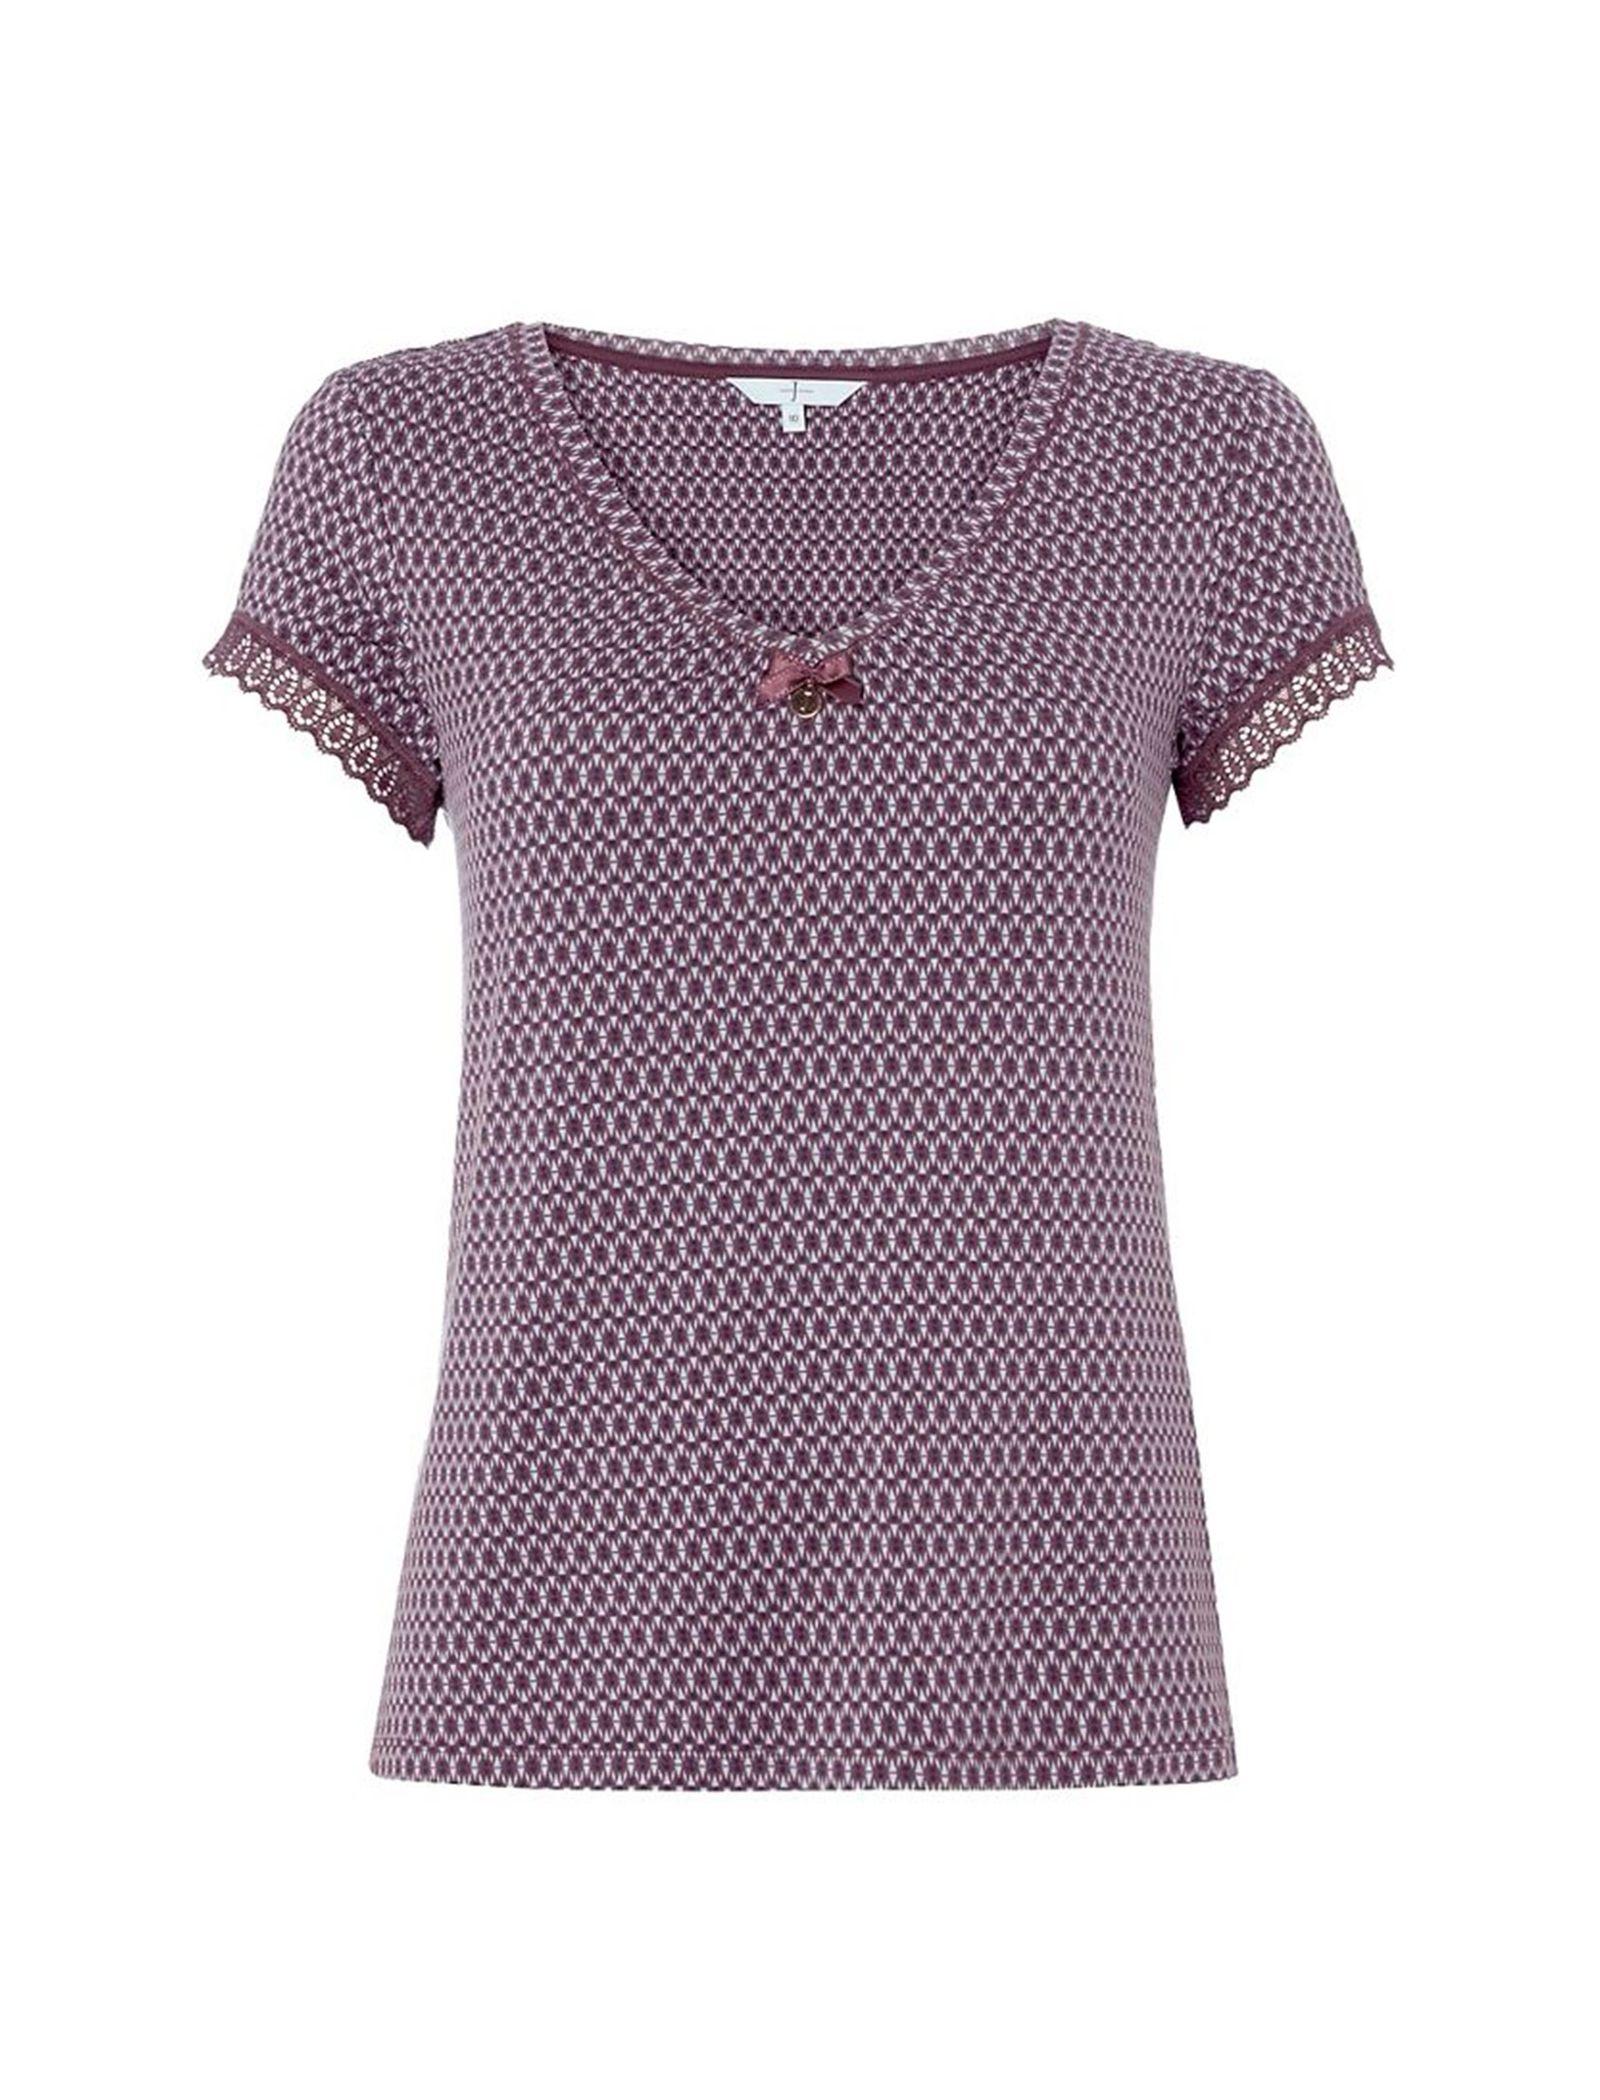 تی شرت راحتی ویسکوز زنانه City Chic - جی بای جسپرکنران - بنفش - 1